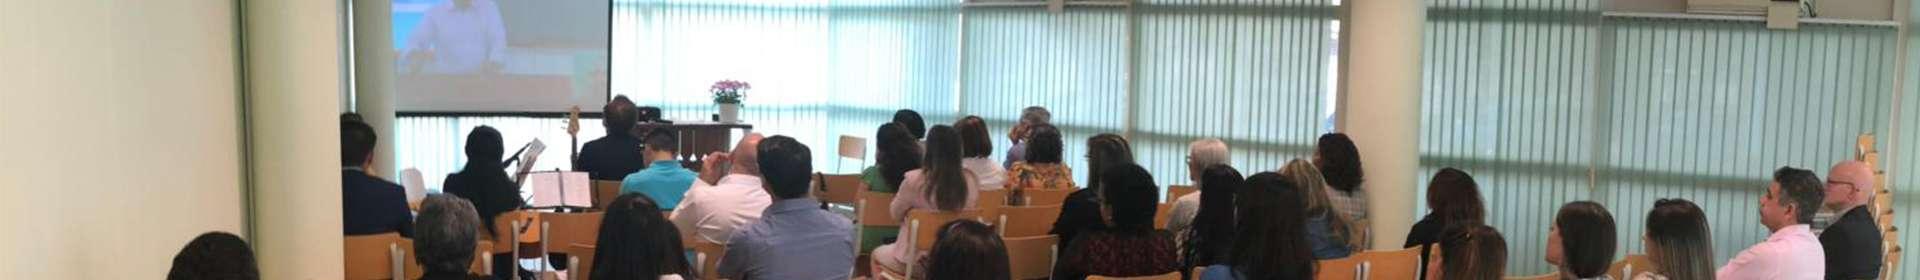 Seminário da Igreja Cristã Maranata em Amsterdã, Holanda, reúne senhoras